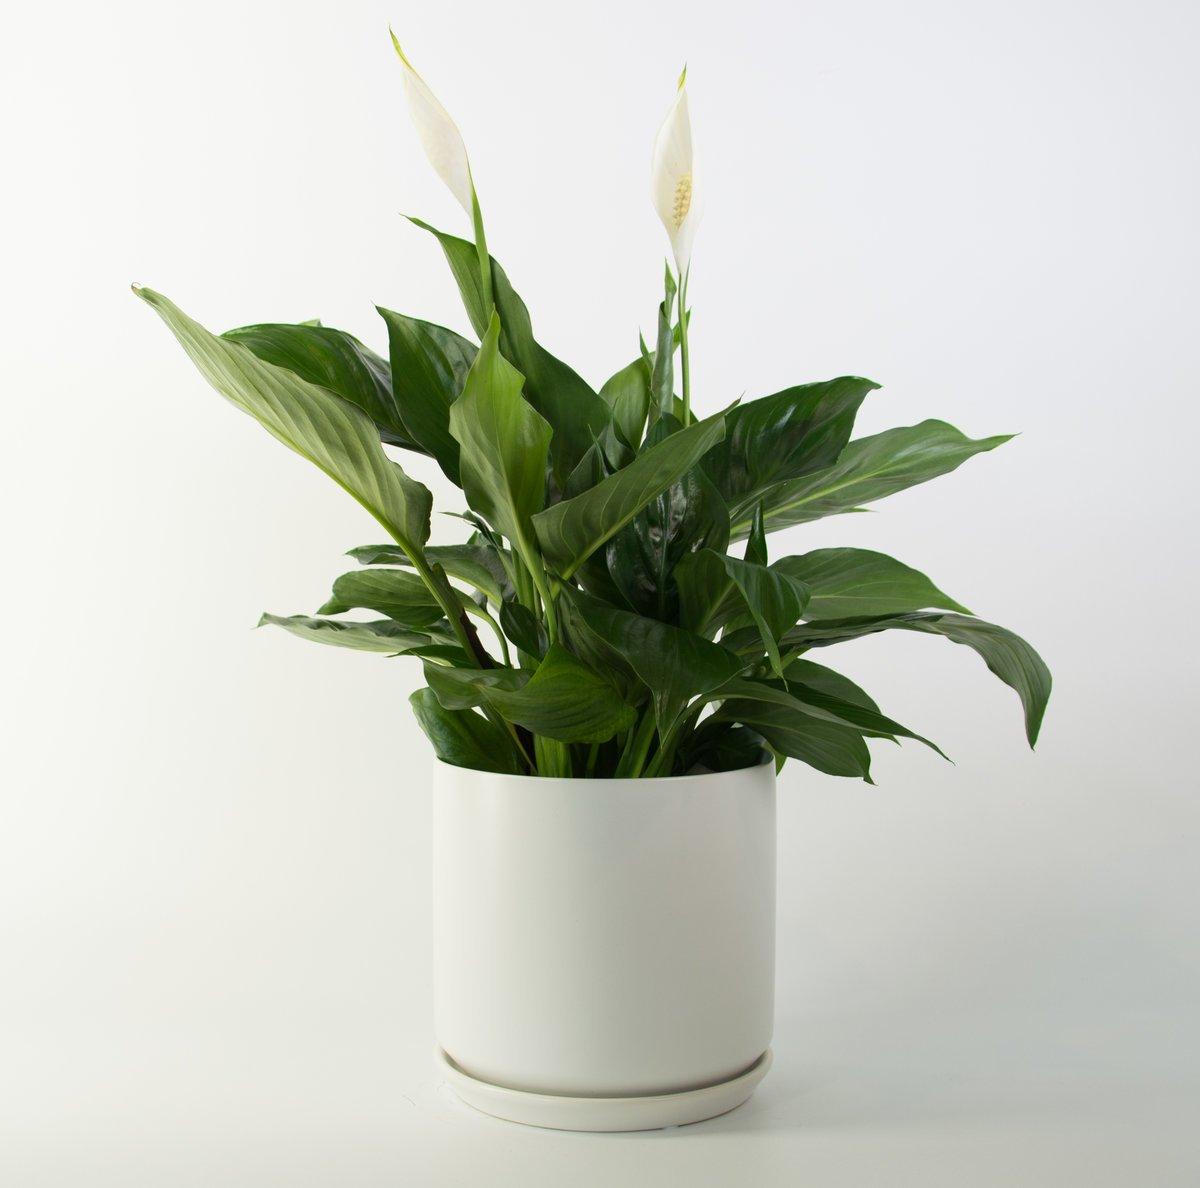 Tall Planters Nz